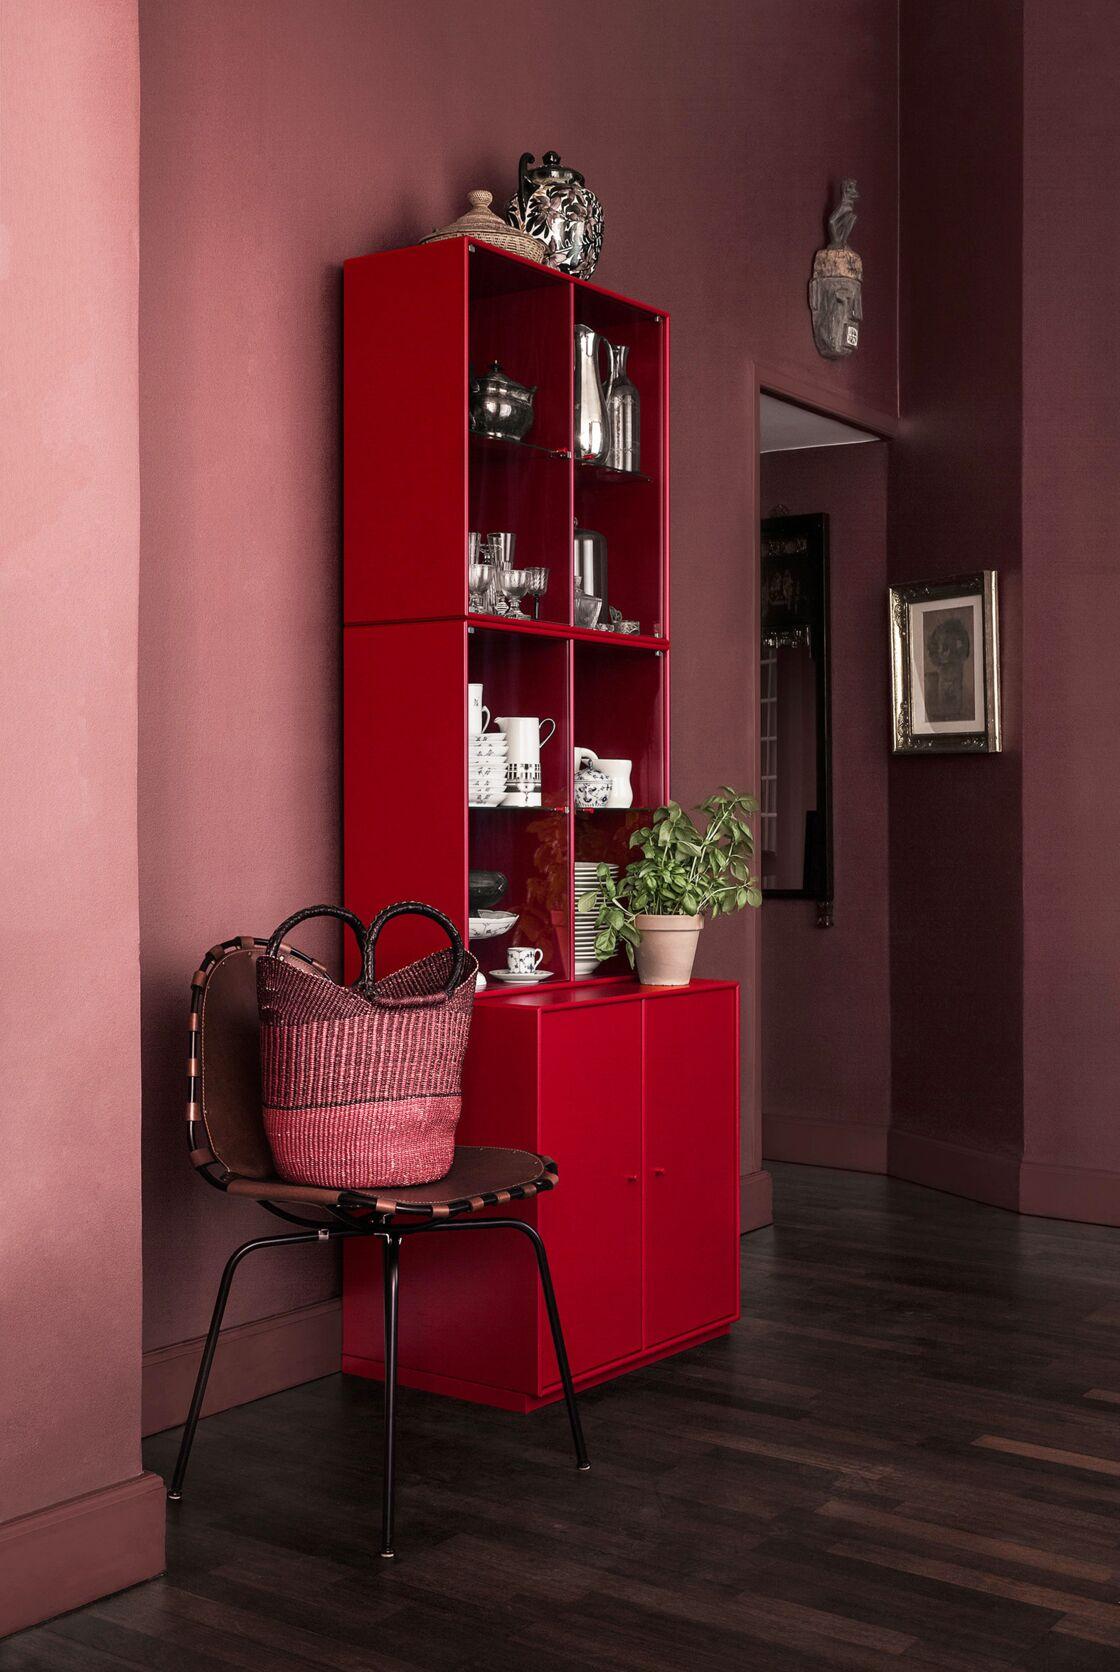 Ici, Le Marsala Sourd Et Dense Qui Habille Les Murs Su0027illumine Du Rouge  Glamour Du0027un Meuble De Rangement Design. Un Dialogue De Teintes Réussi  Grâce à ...